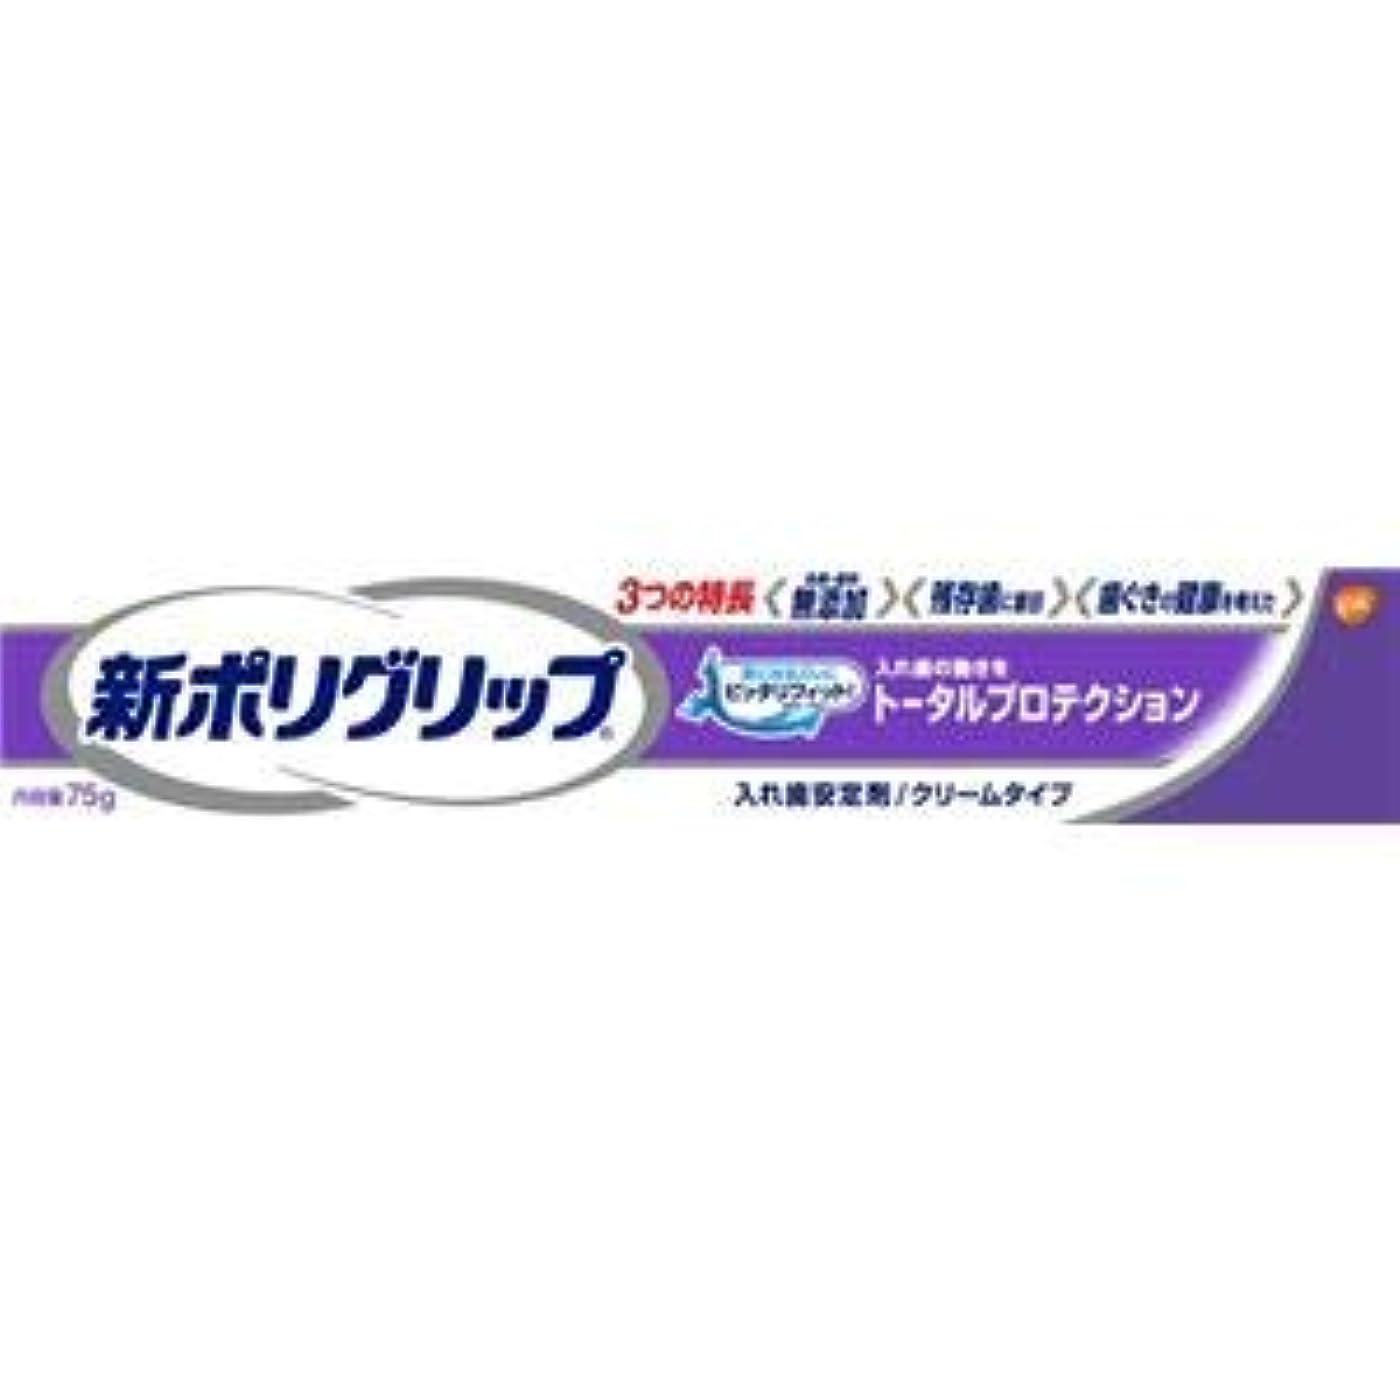 予想外香り全部(まとめ)グラクソスミスクライン 新ポリグリップ トータルプロテクション 75g 【×6点セット】